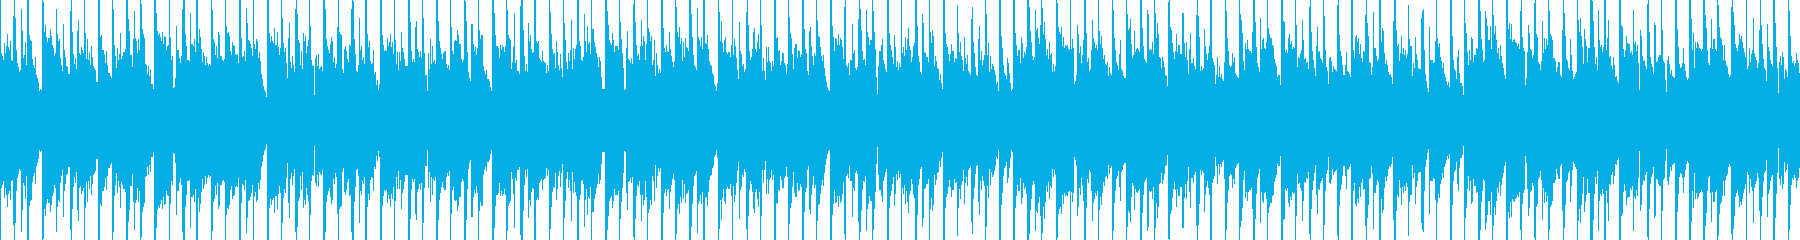 ファンキーなクラブ/ダンス/エレク...の再生済みの波形